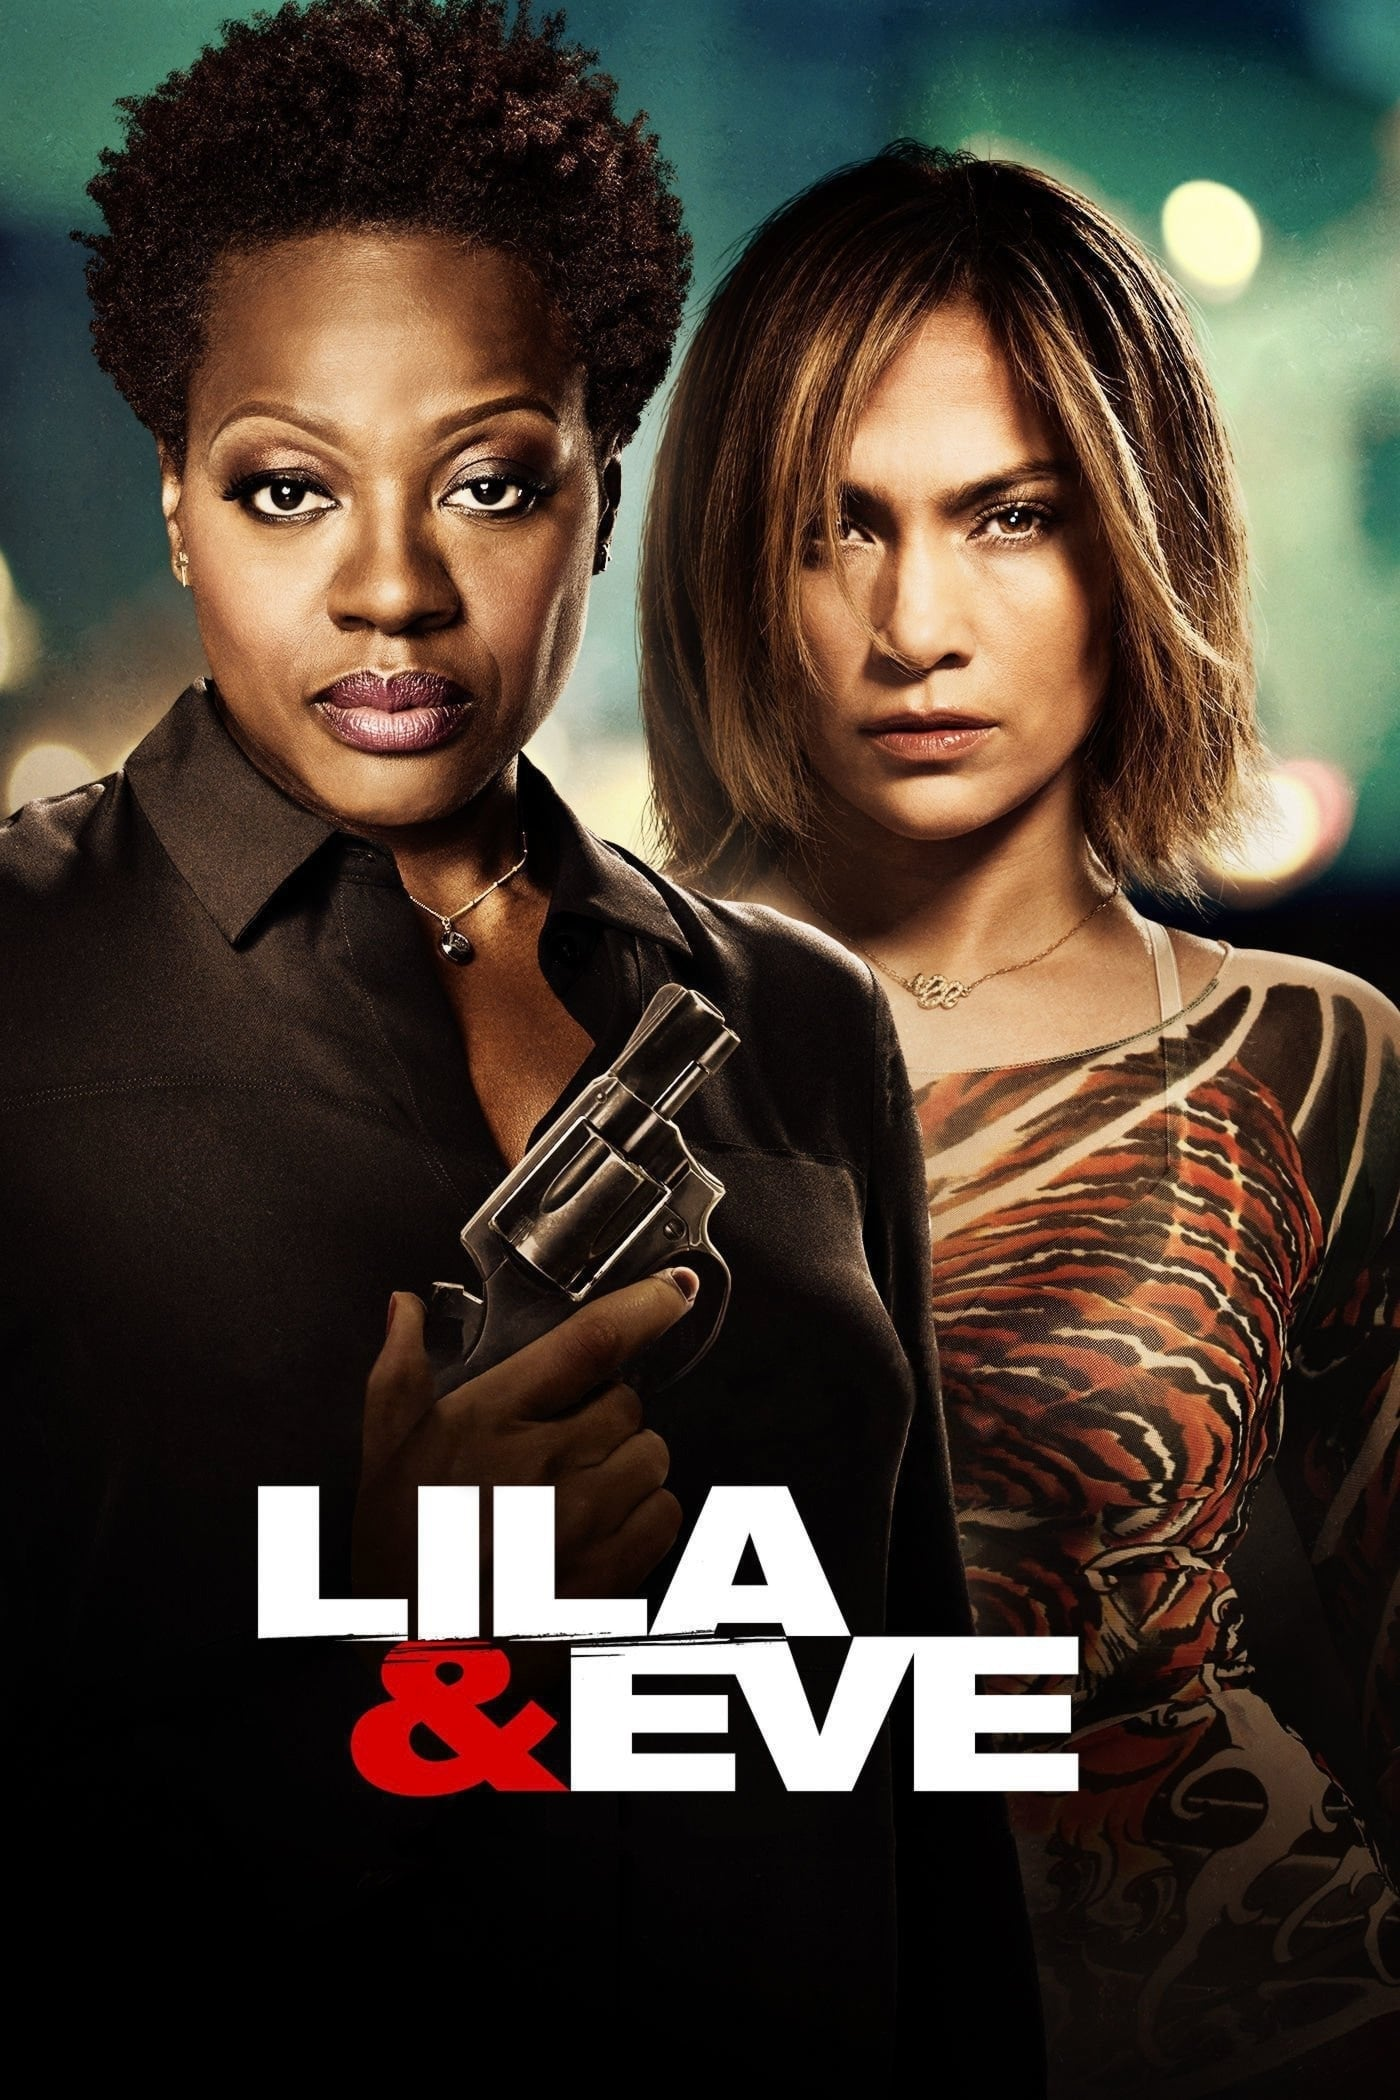 دانلود فیلم Lila and Eve 2015 با دوبله فارسی